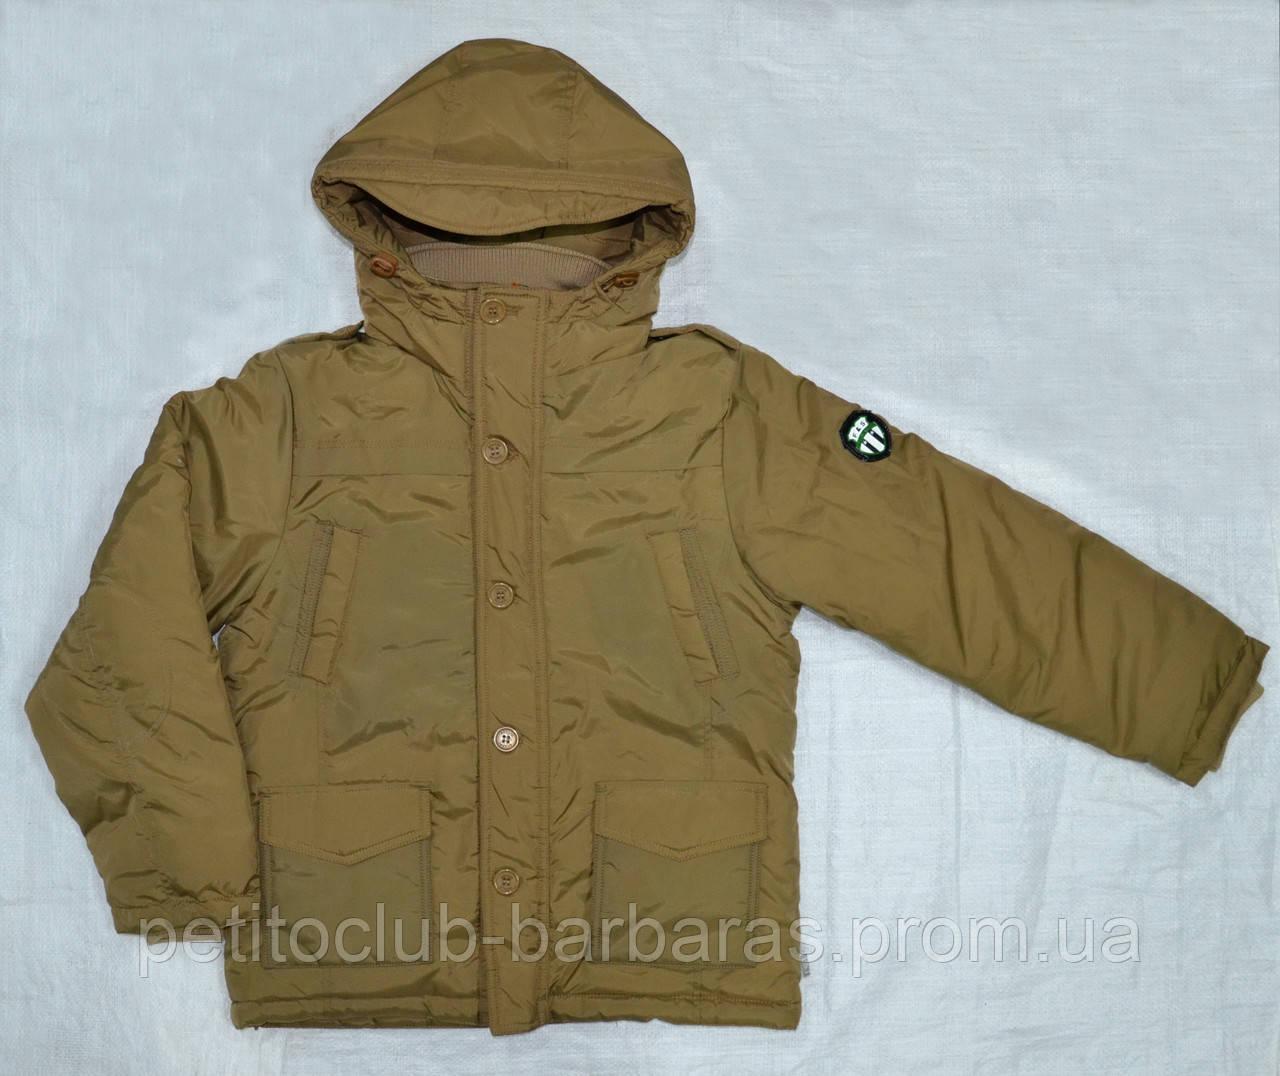 Качественная зимняя куртка для мальчика Mariuzs бежевая (QuadriFoglio, Польша)